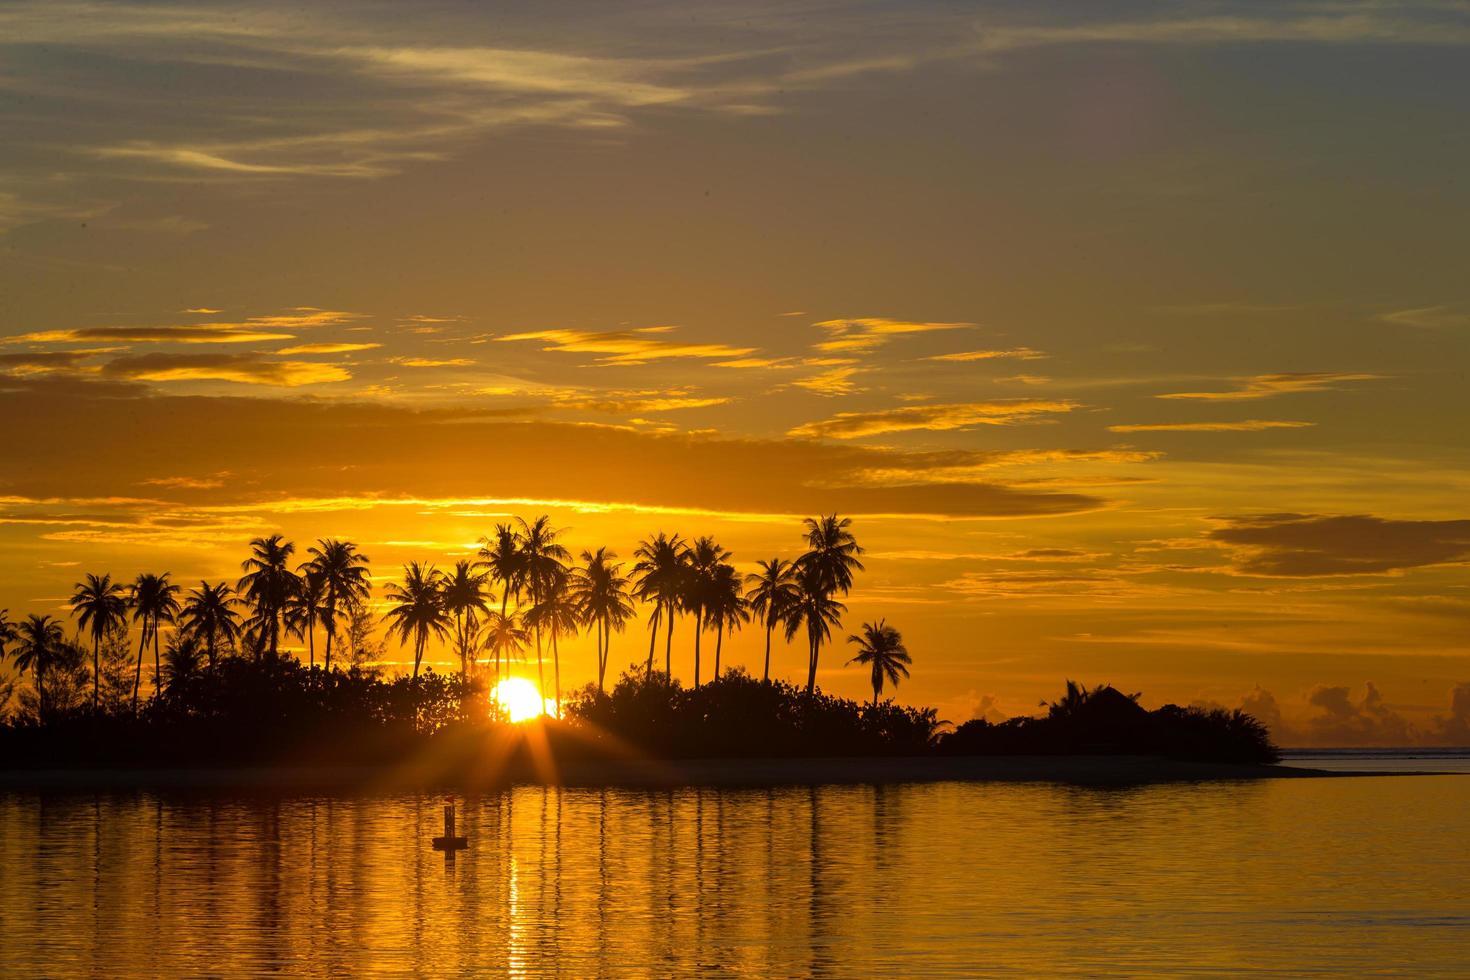 puesta de sol en una isla tropical foto